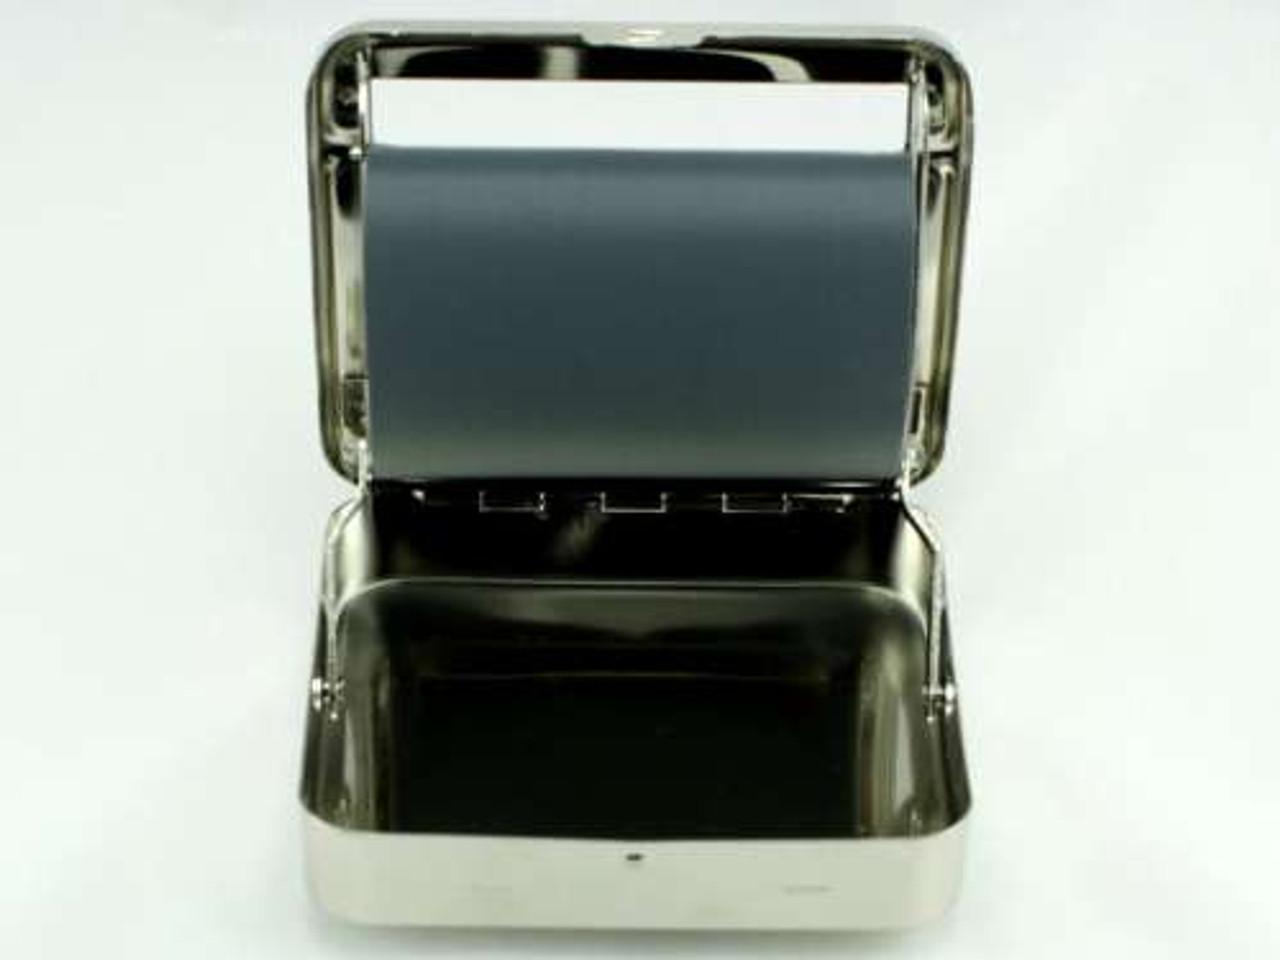 Silver Square 79mm Automatic Cigarette Roller